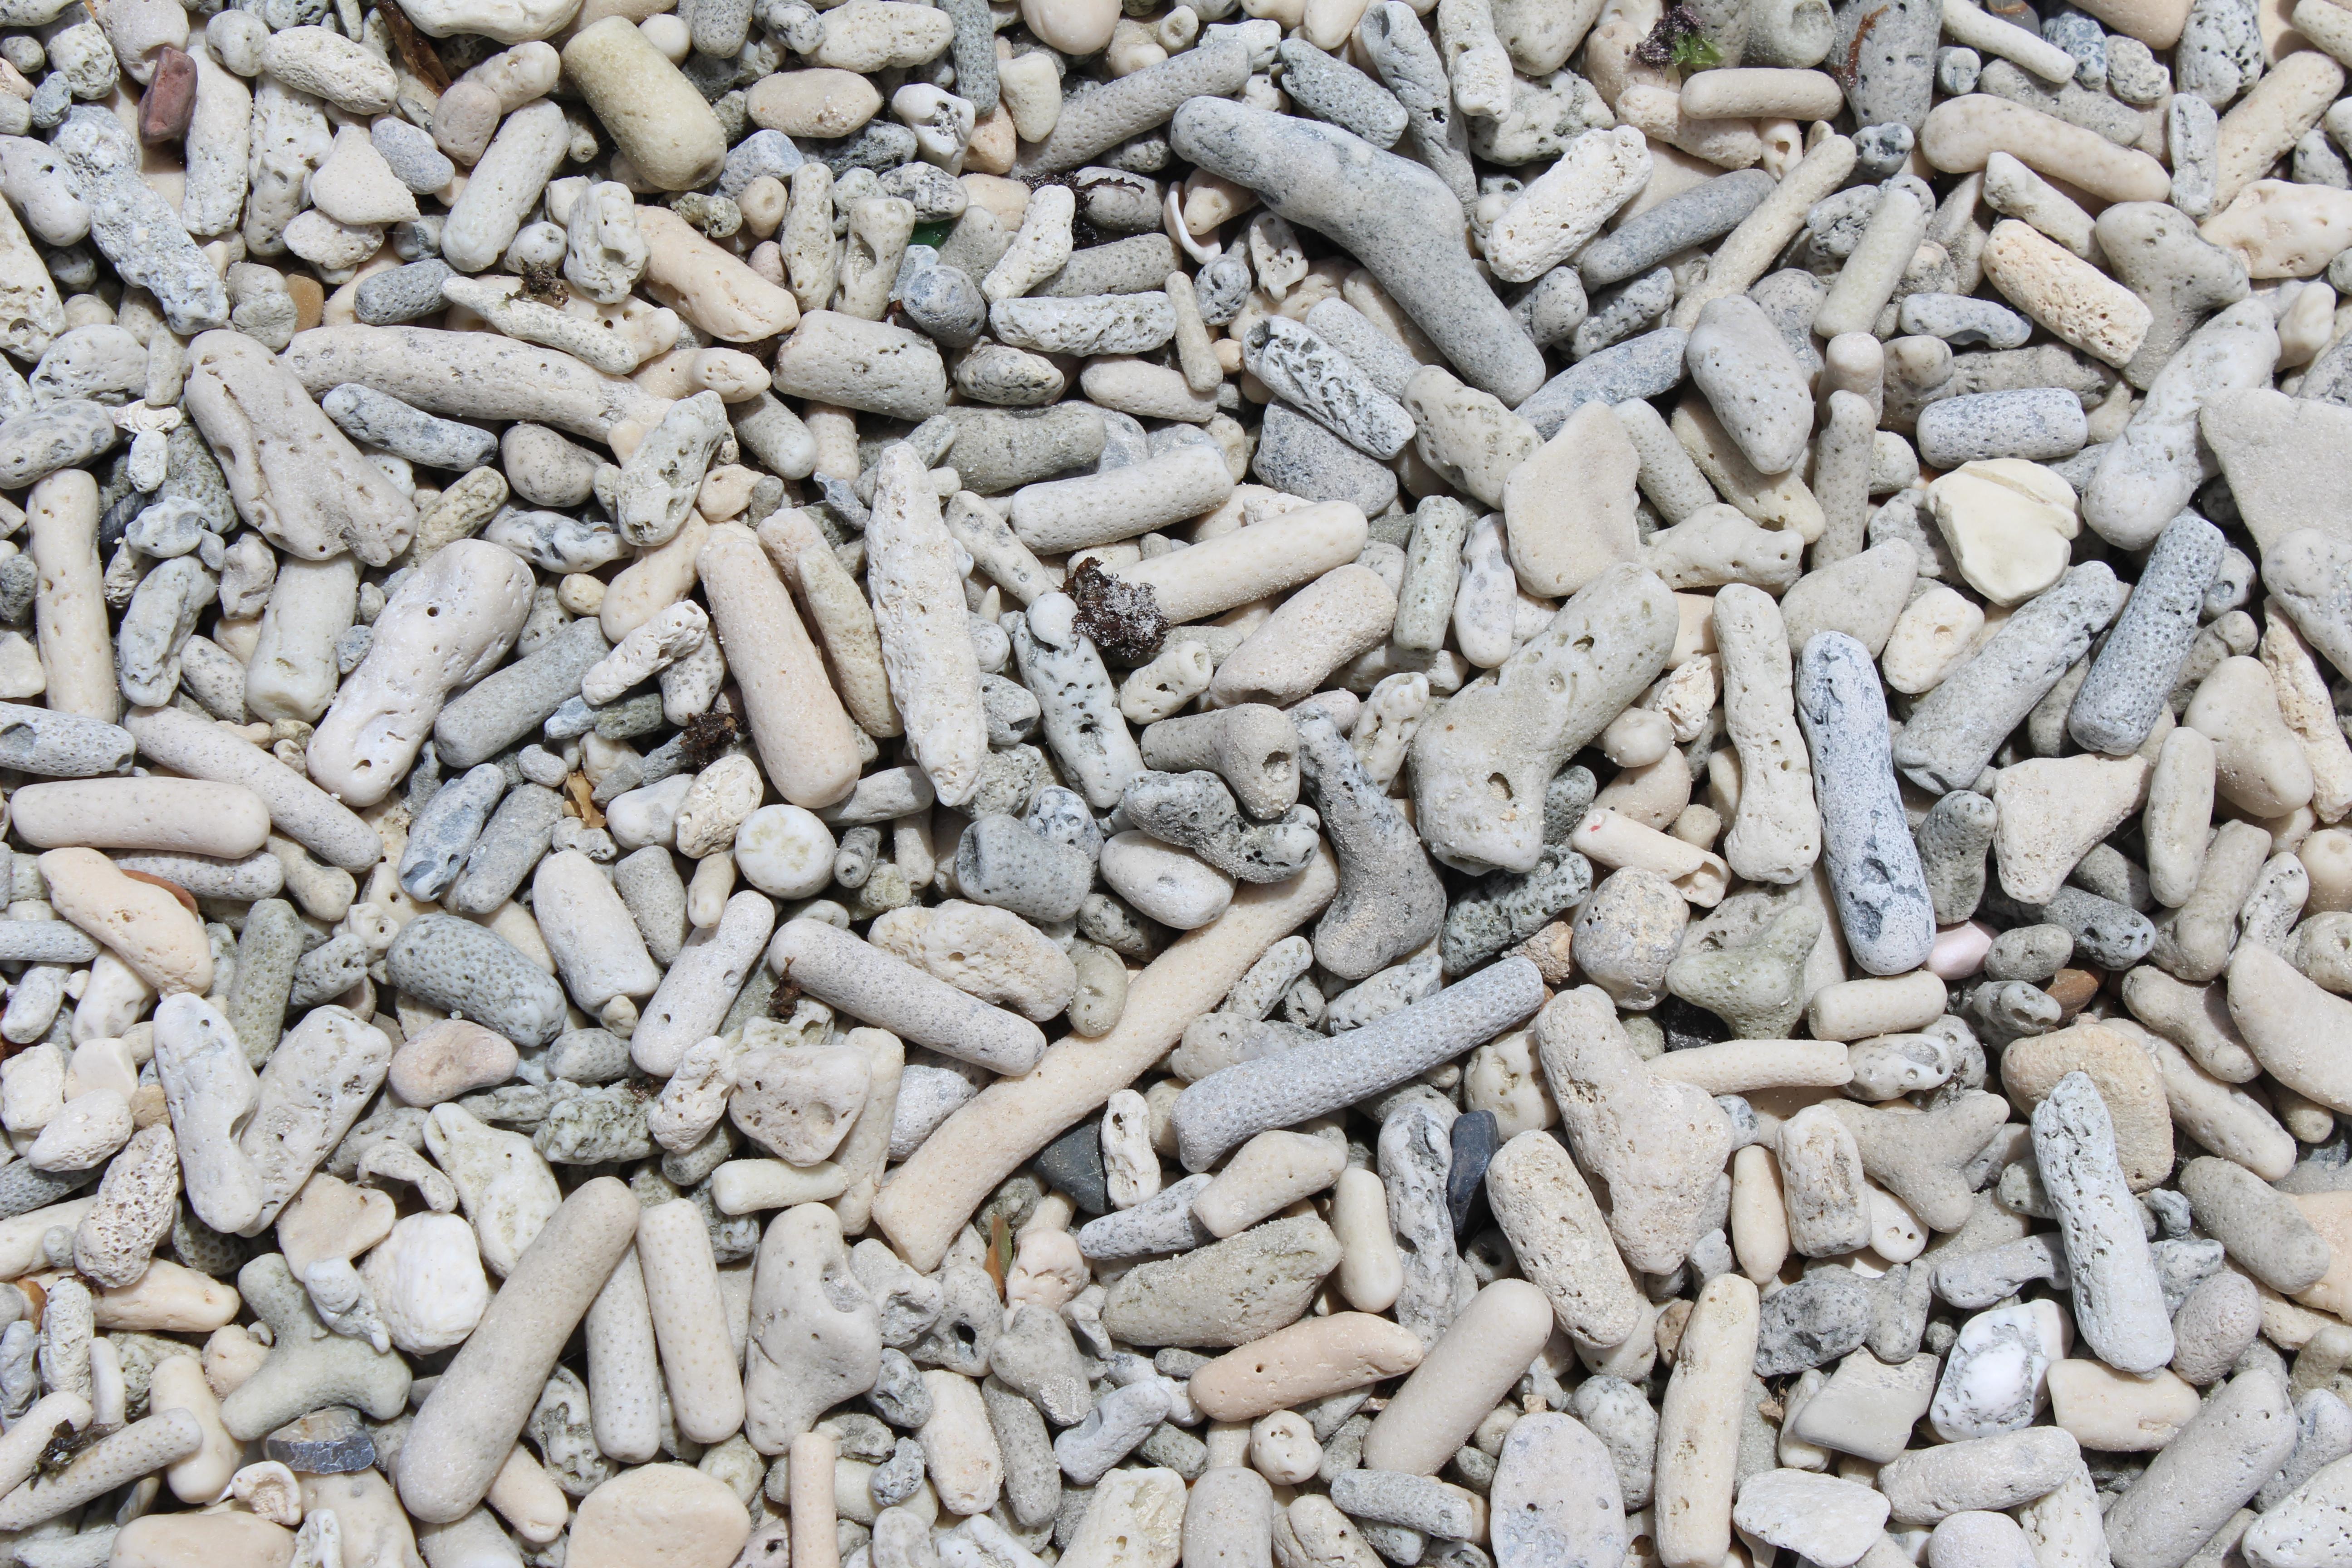 restos de corais beira da praia-1